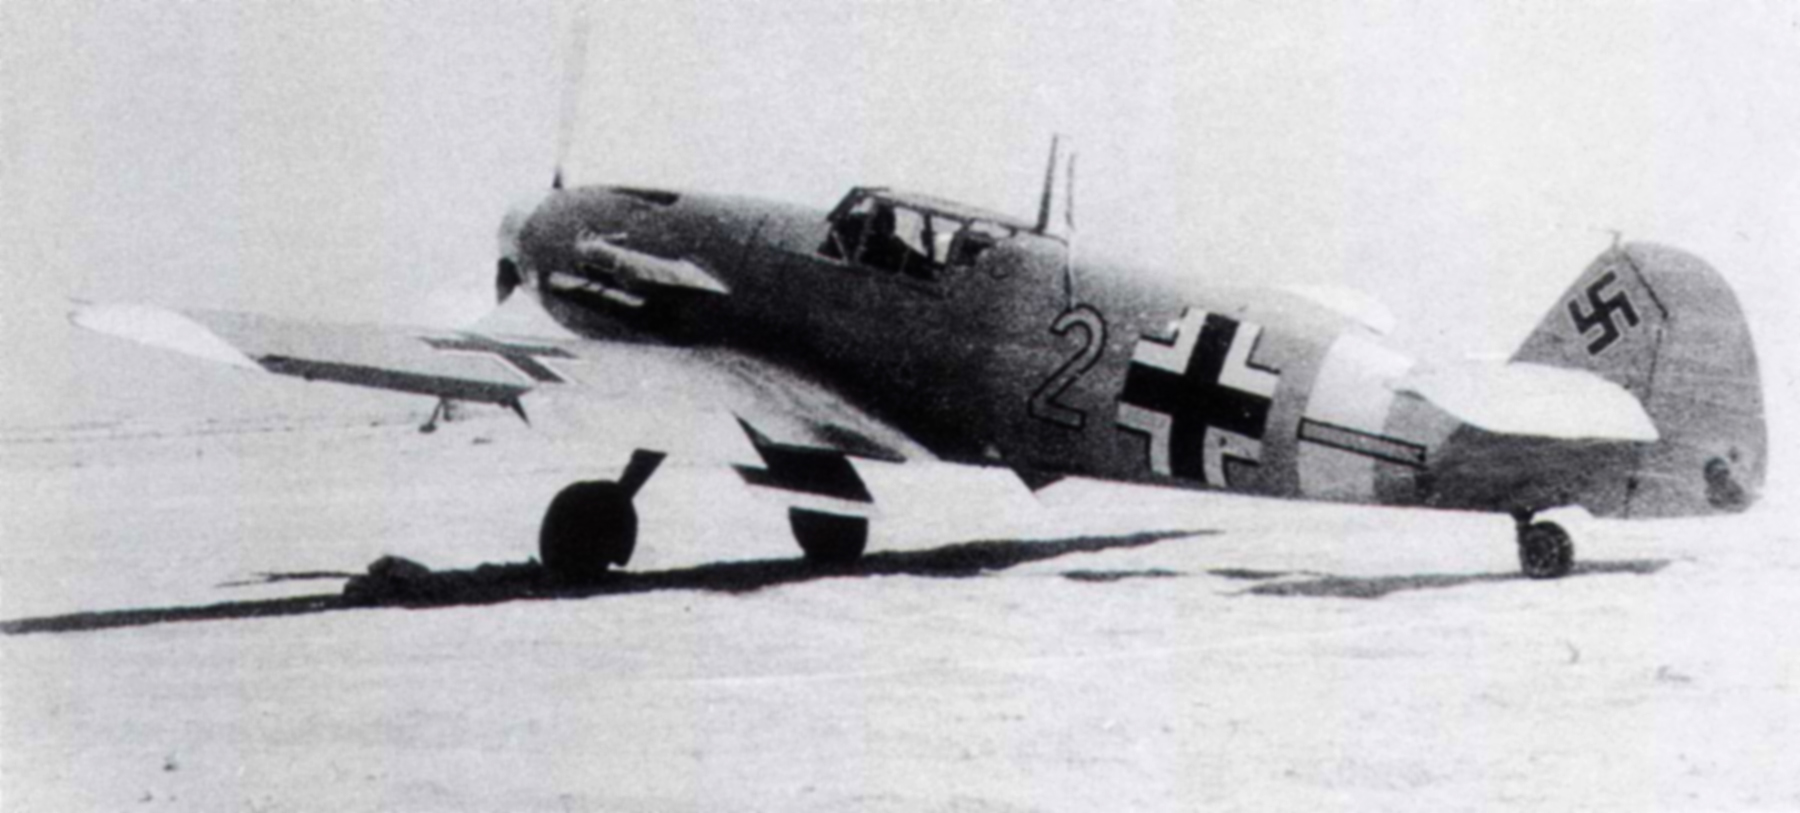 Messerschmitt Bf 109F4Trop 6.JG27 Yellow 2 North Africa August 1942 01